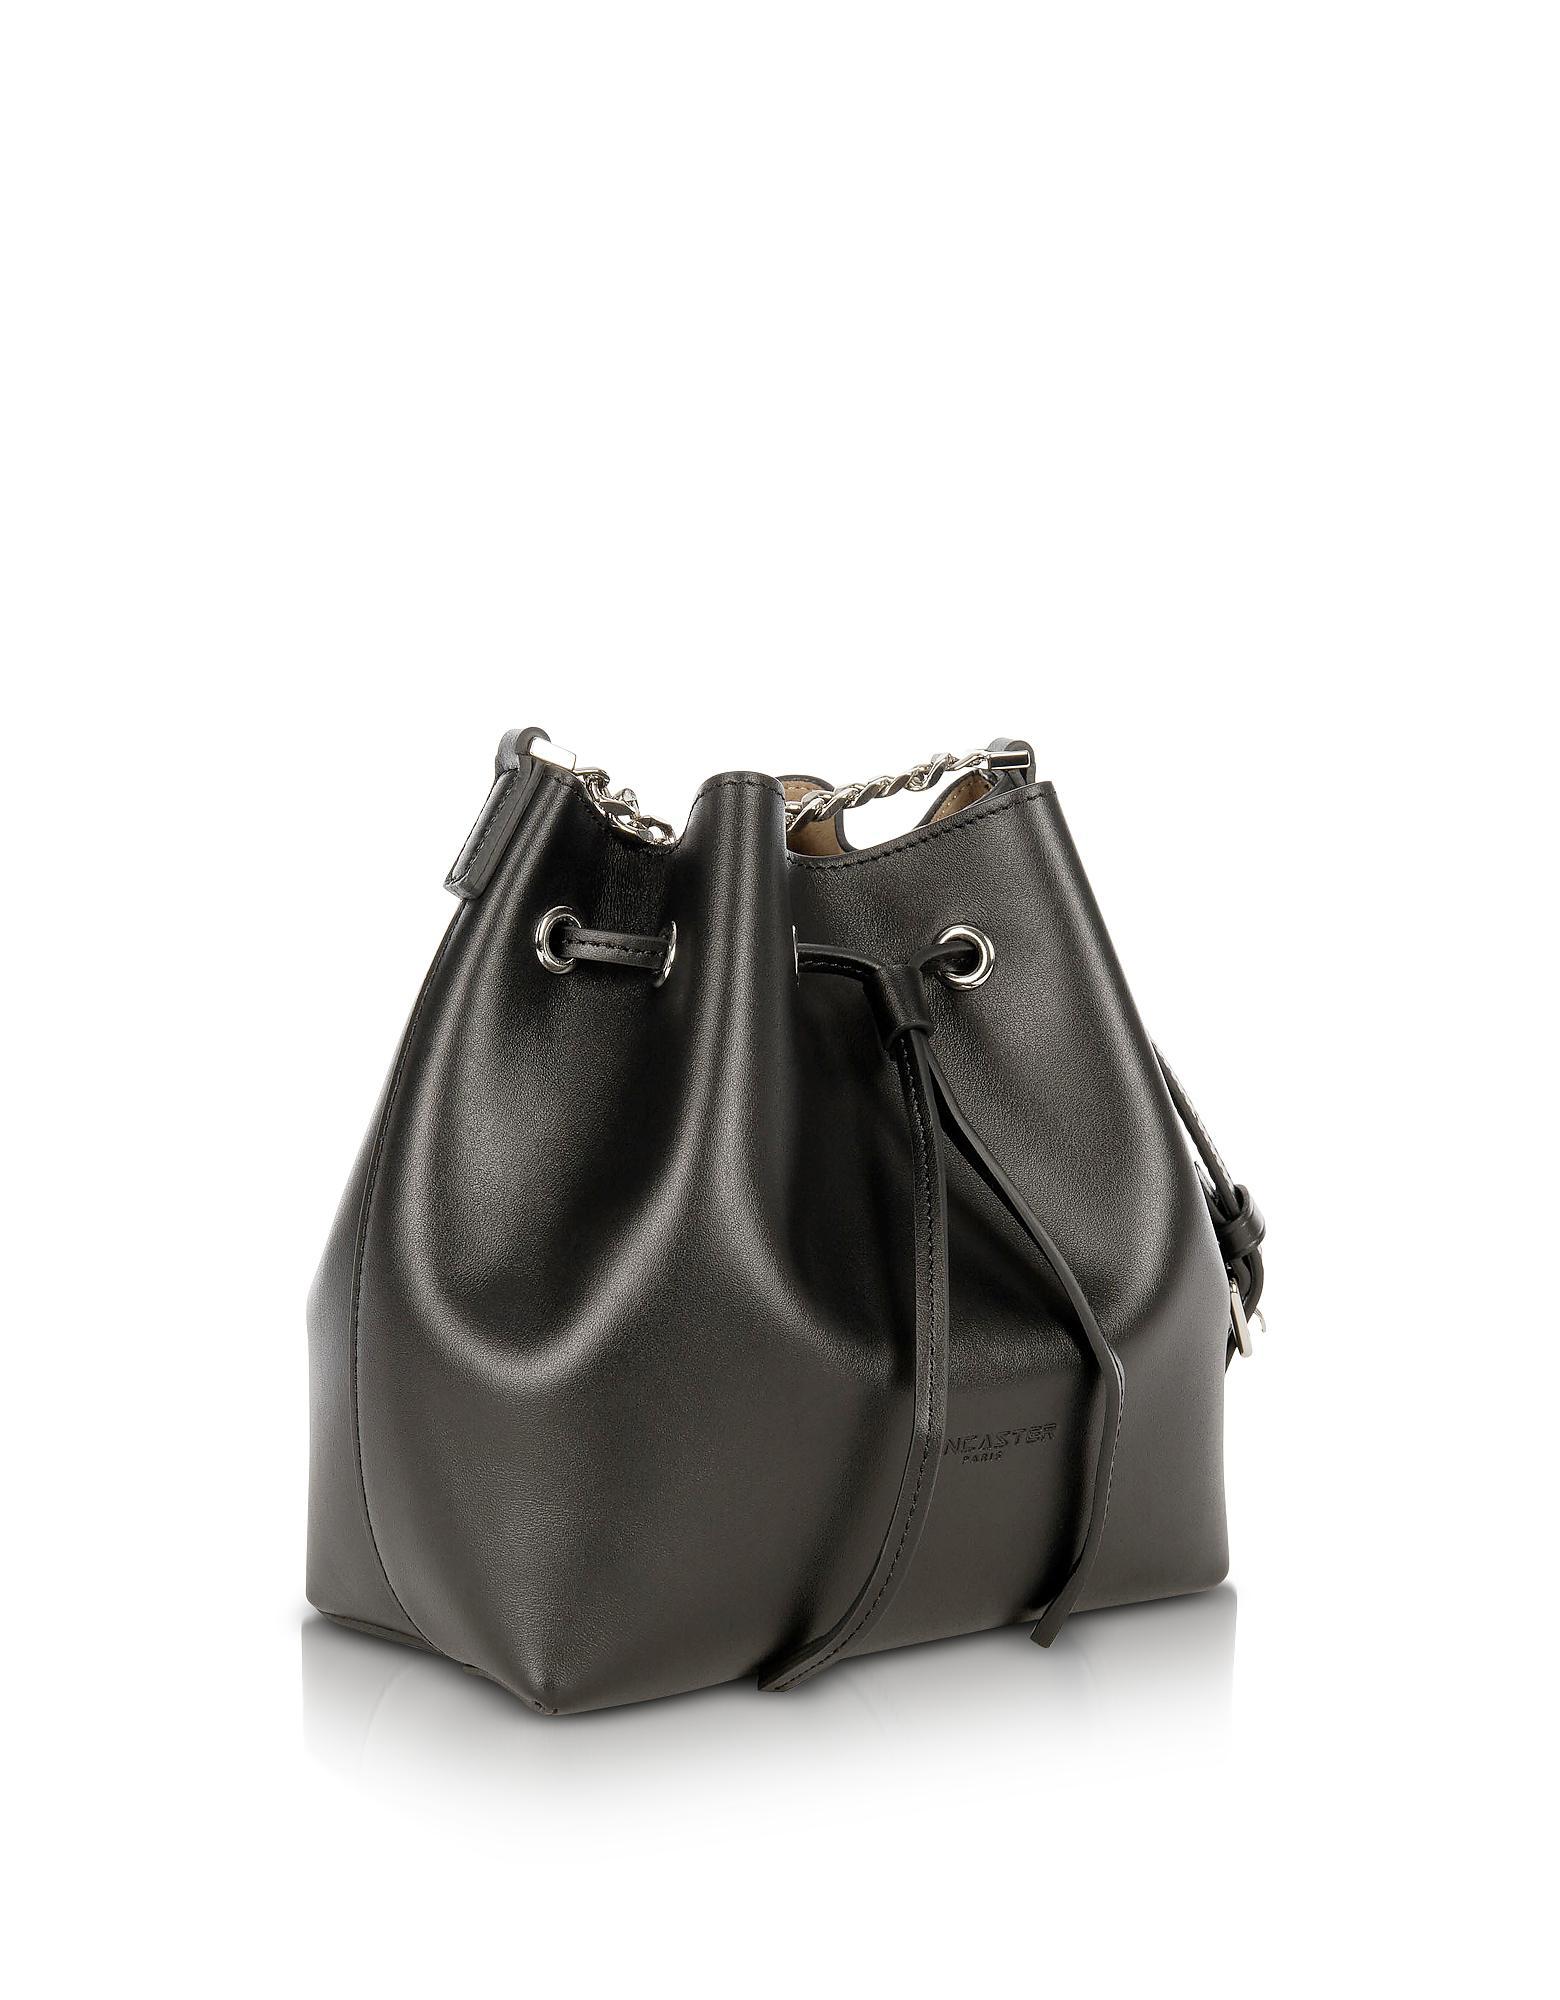 de6319617658 Lancaster Paris Pur Treasure Small Bucket Bag in Black - Lyst